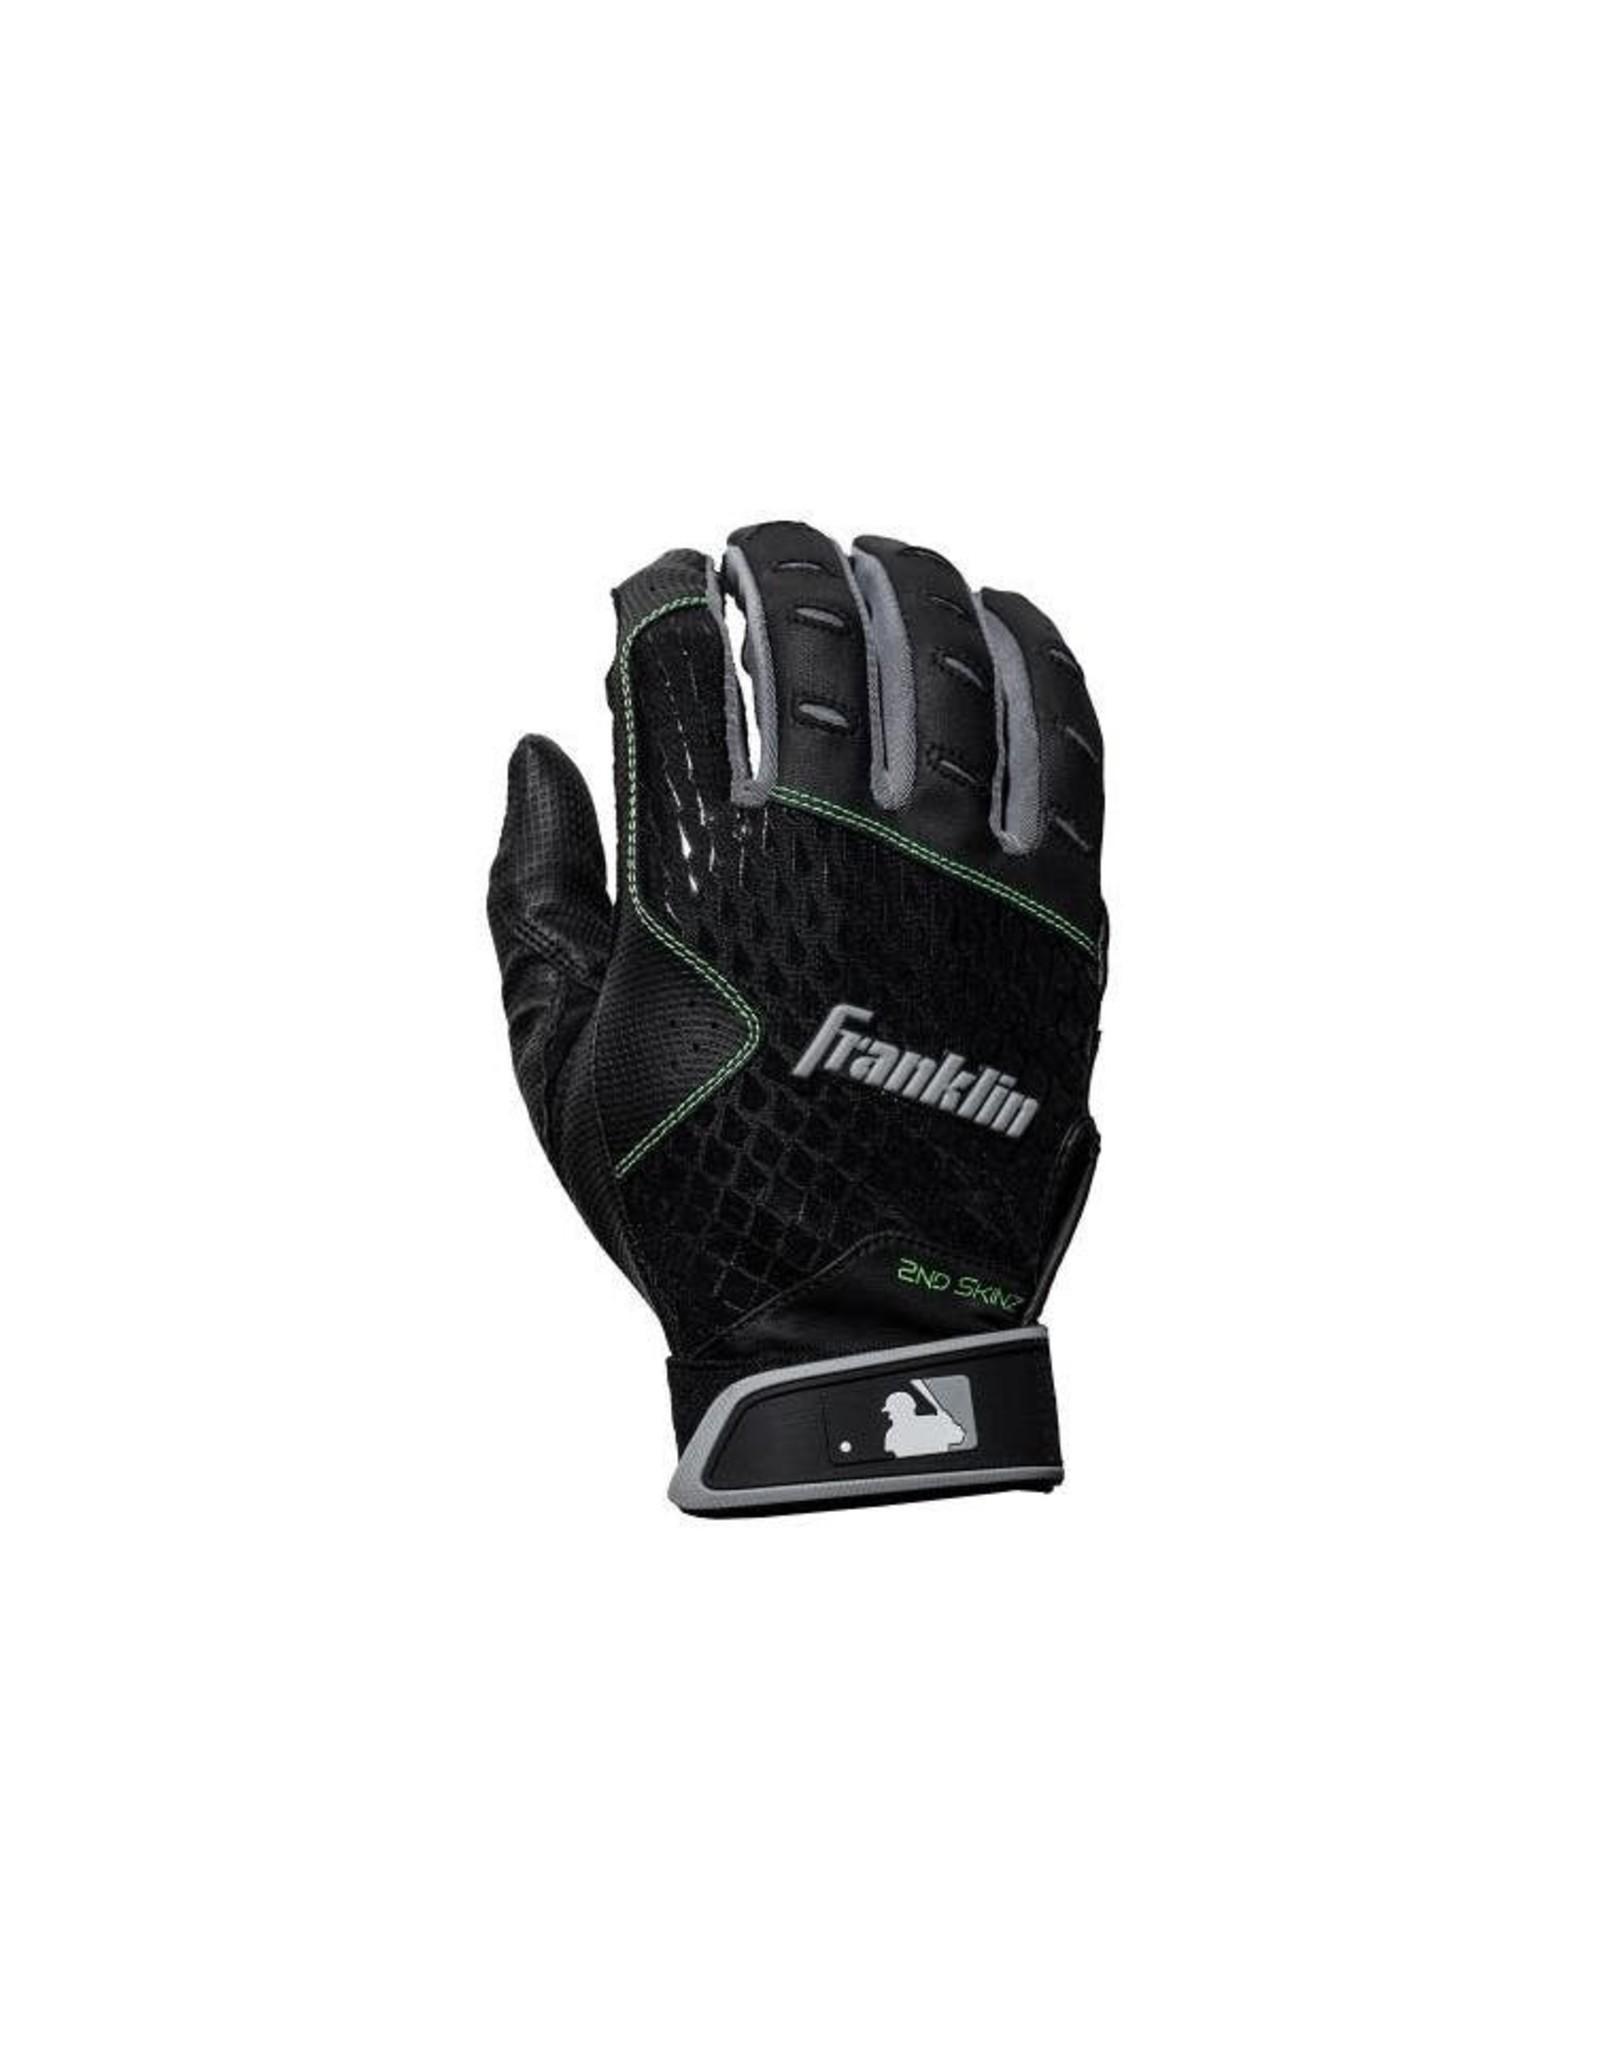 Franklin Franklin Batting Glove 2ND SKIN -ADULT -